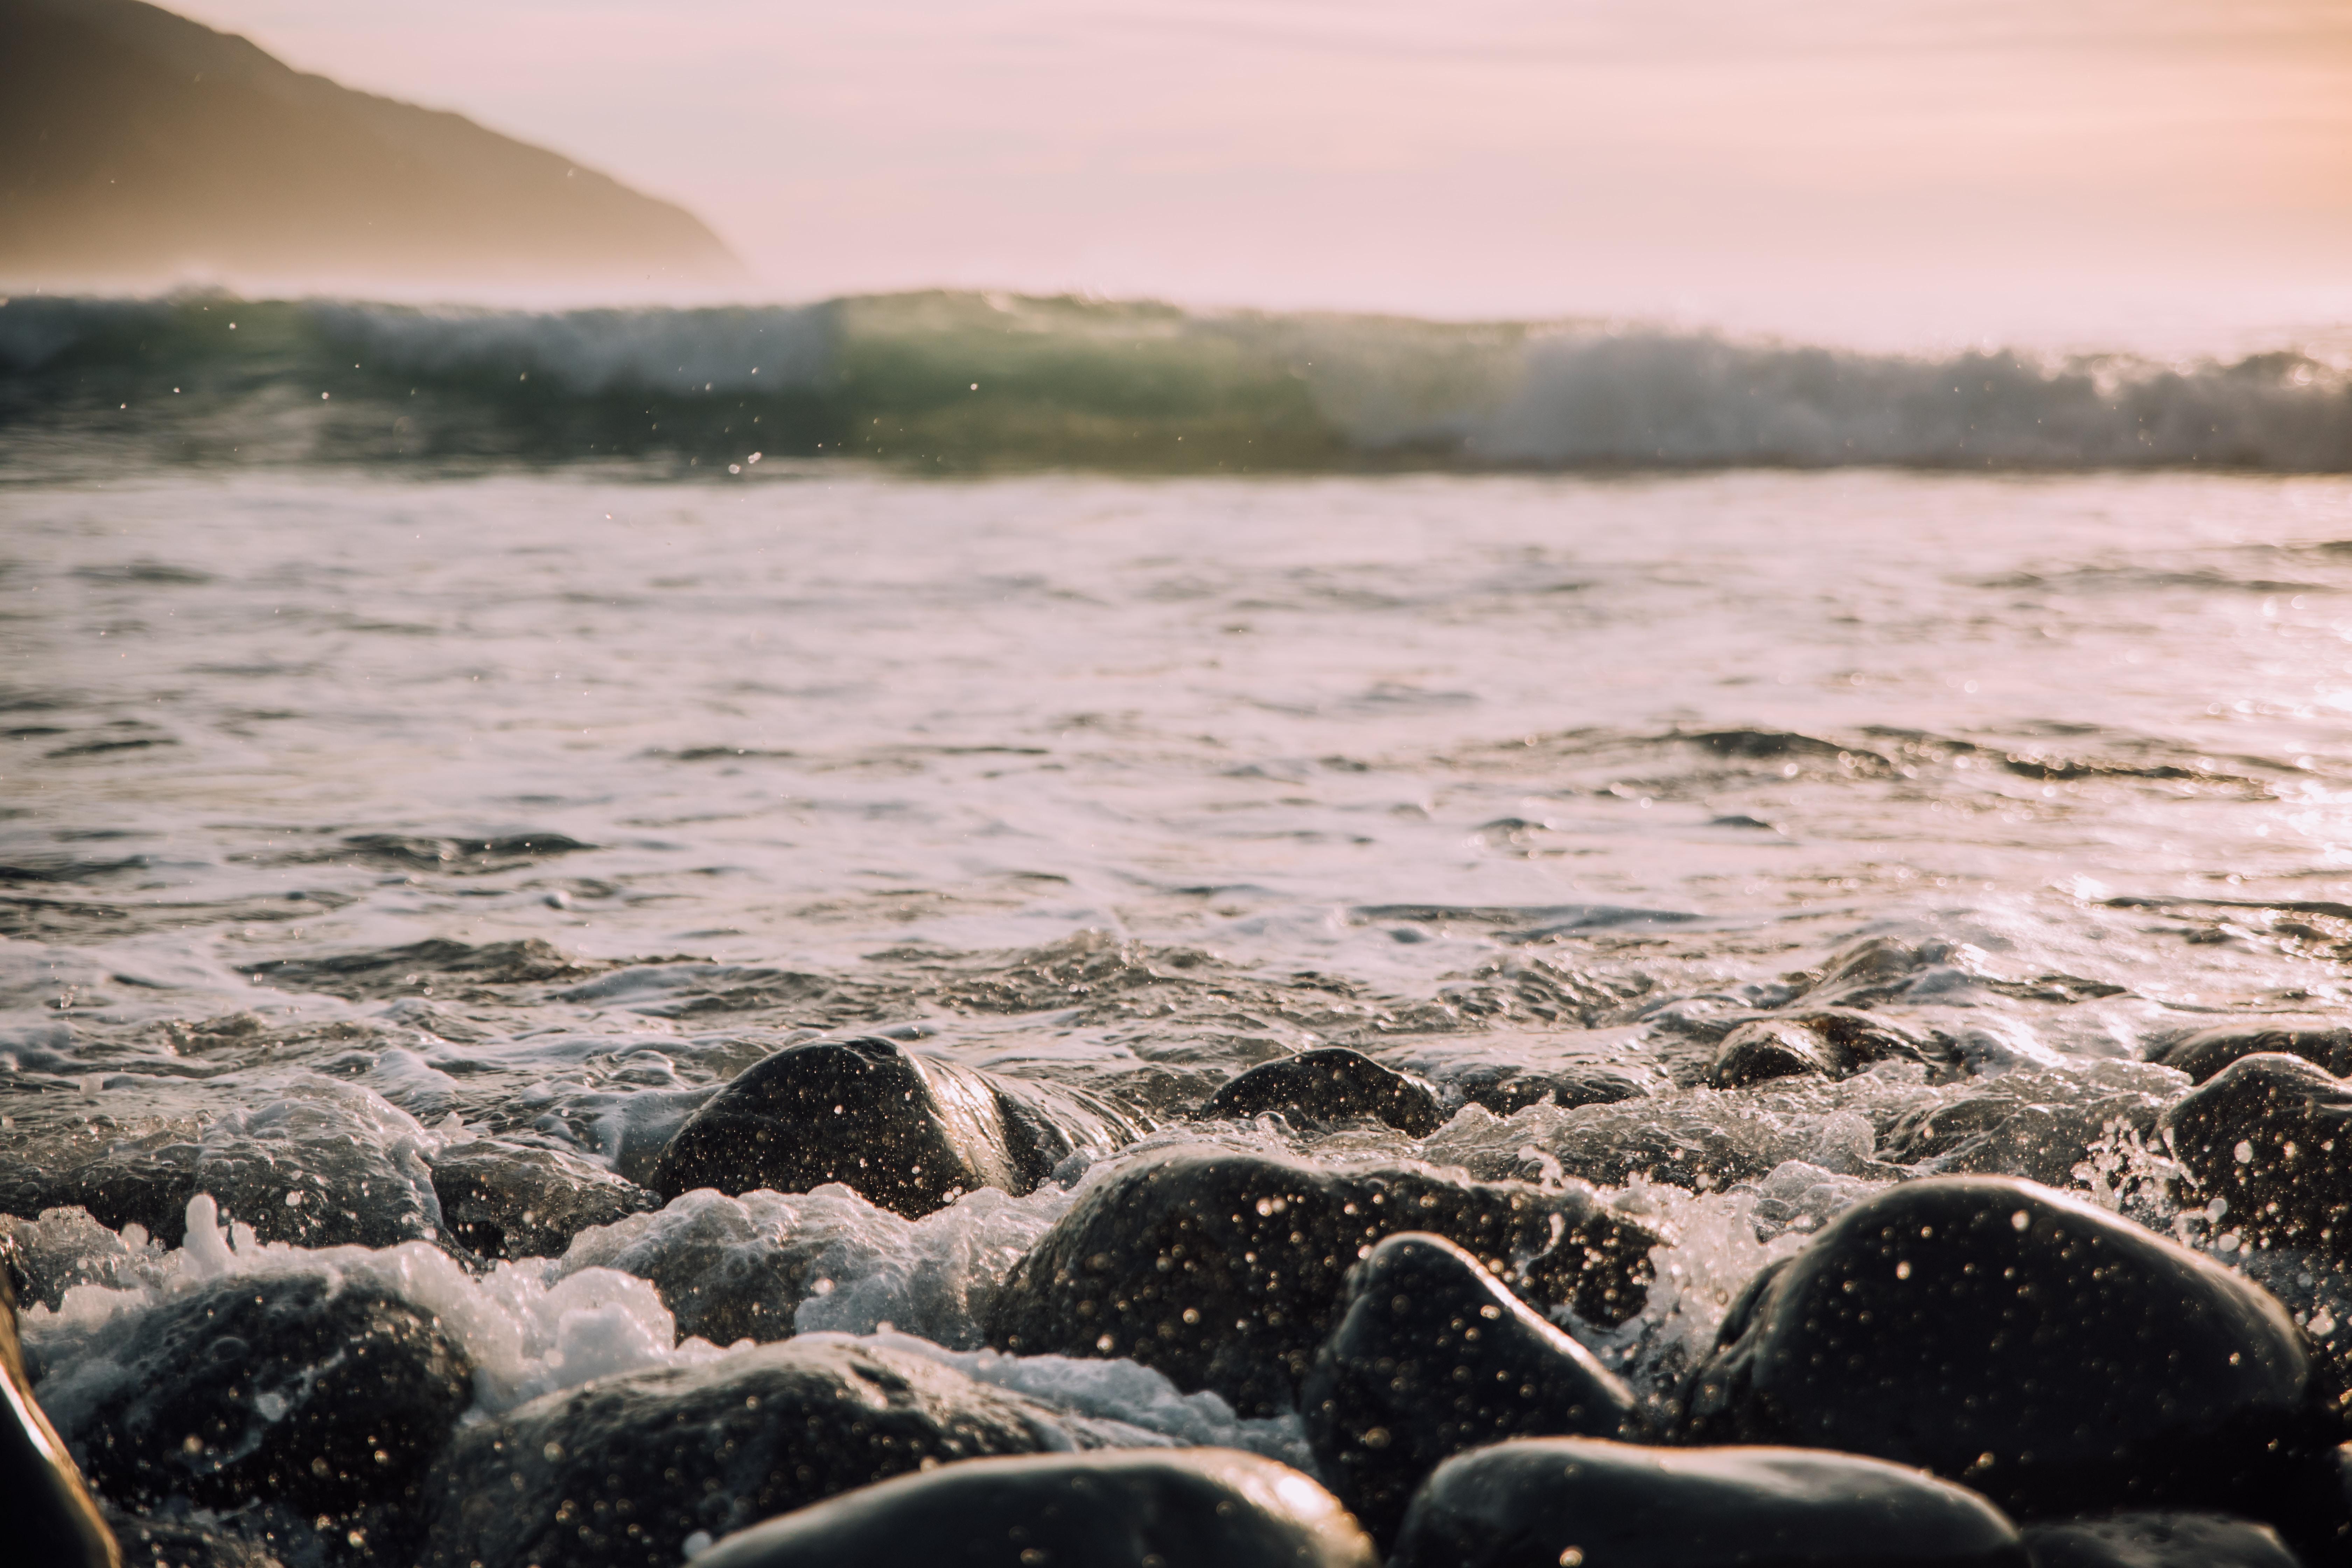 Small waves crashing over rocks.